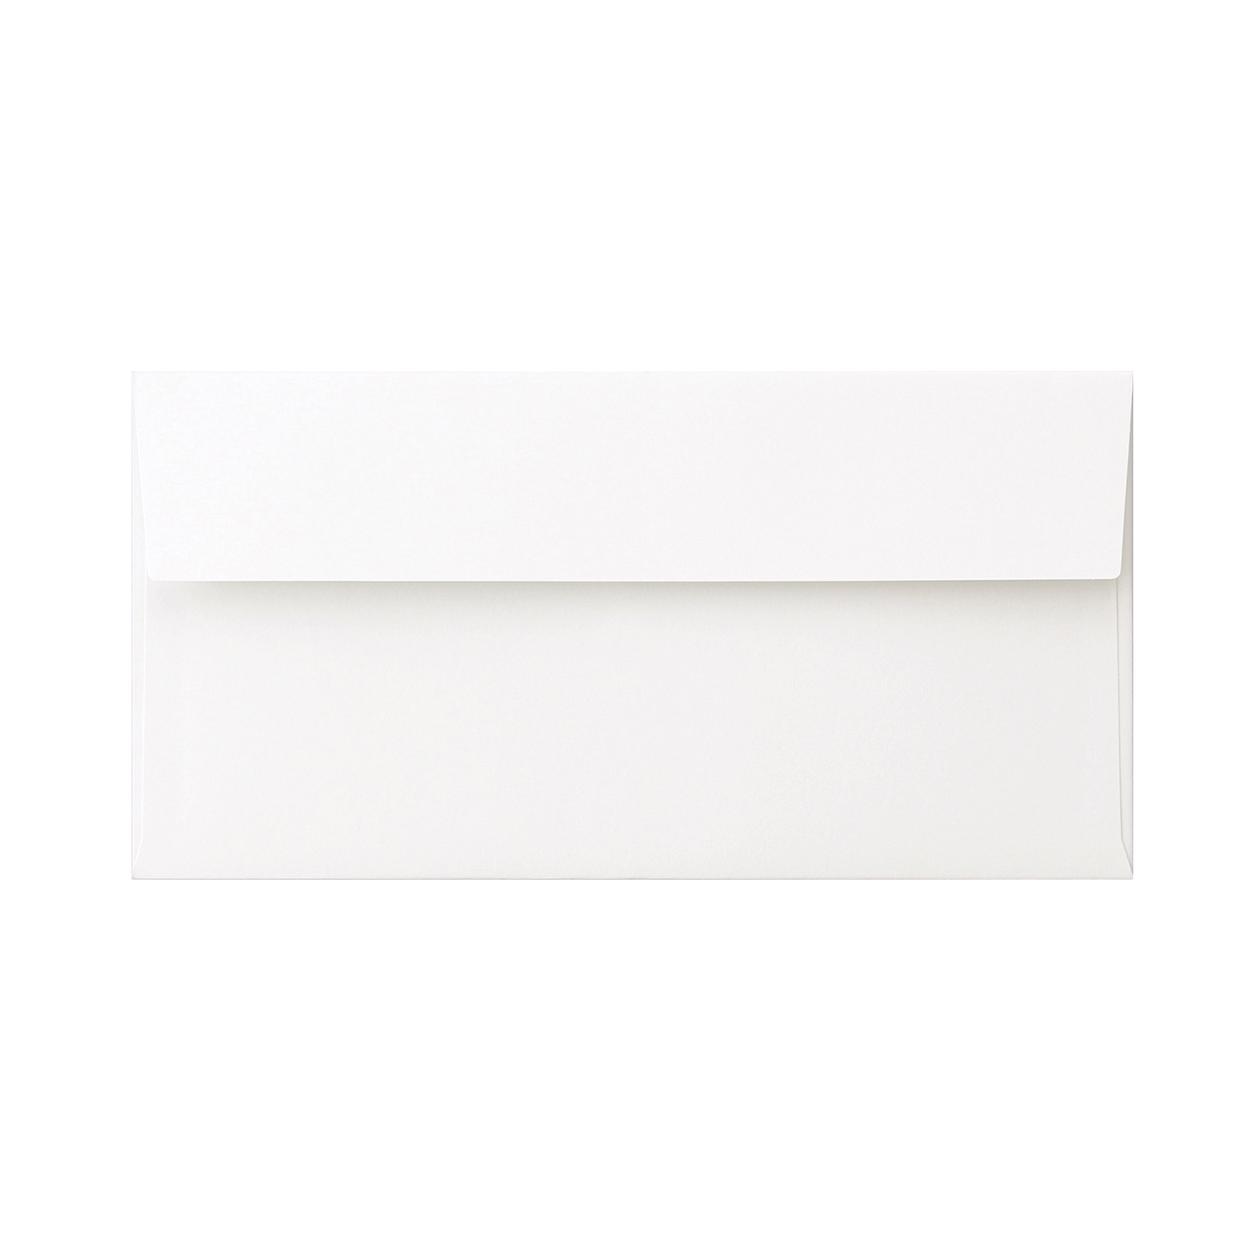 長3カマス封筒 コットンオペーク ホワイト 116.3g